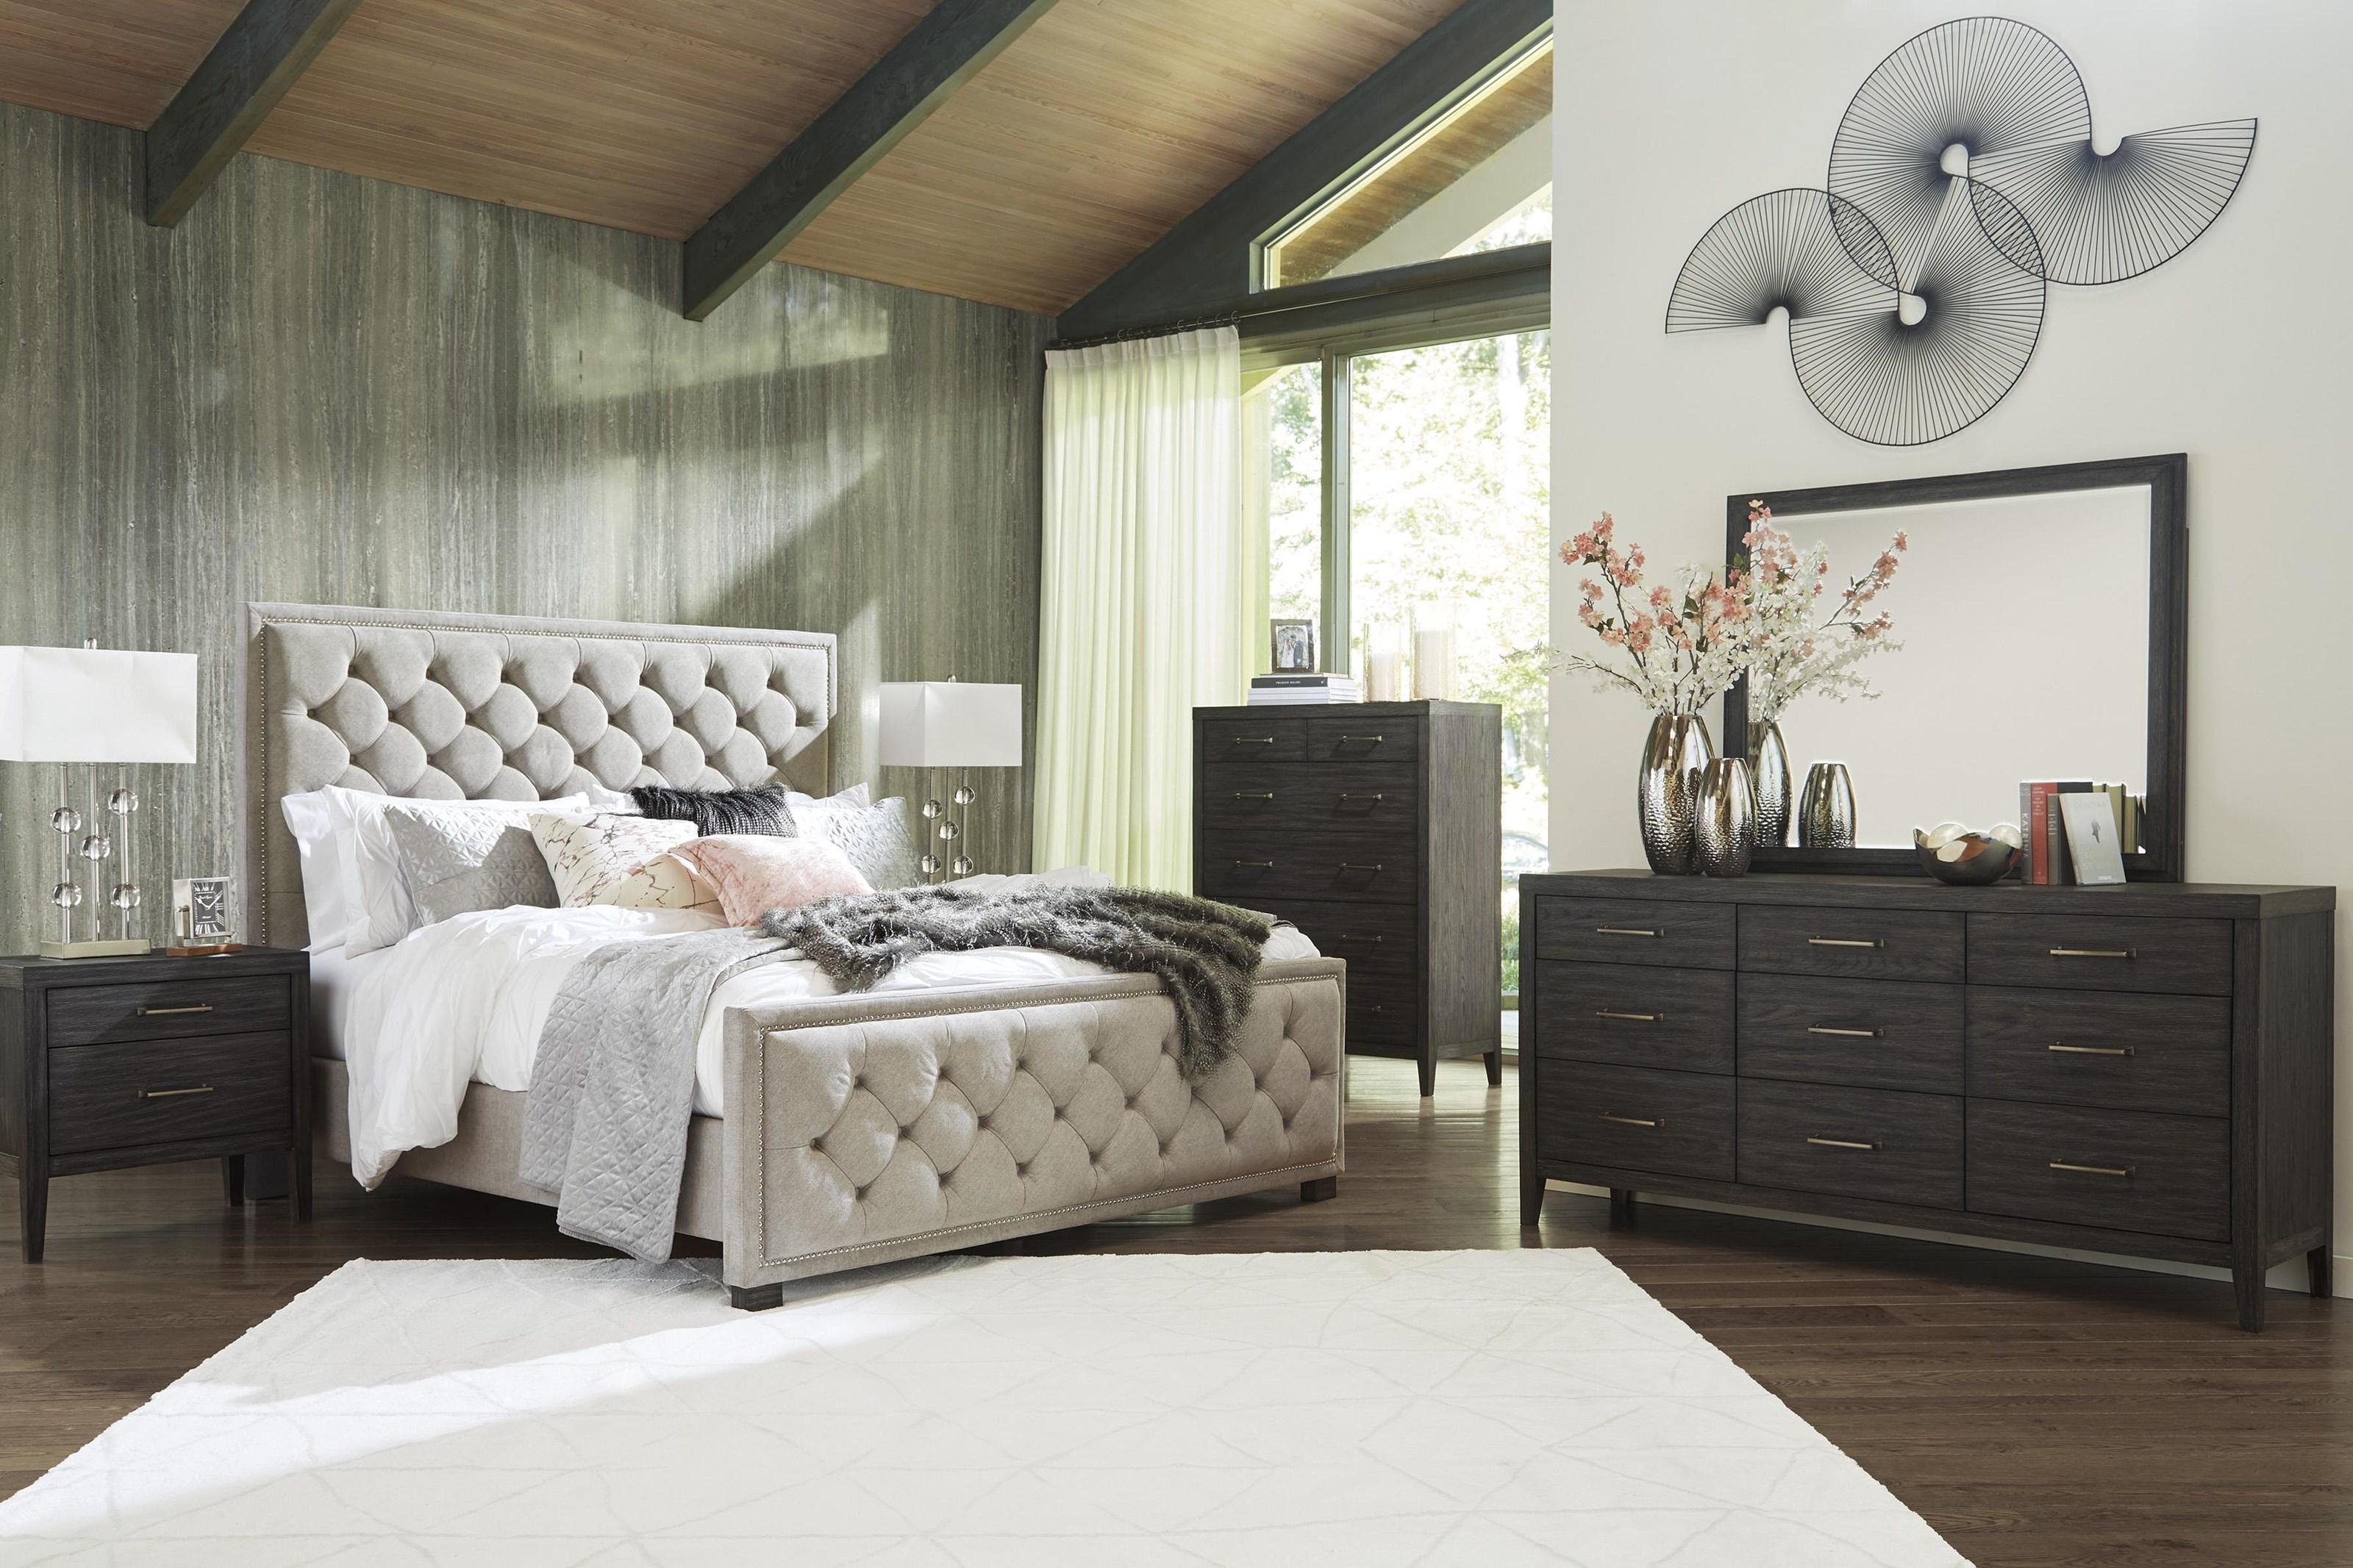 6 Piece King Upholstered Bedroom Set